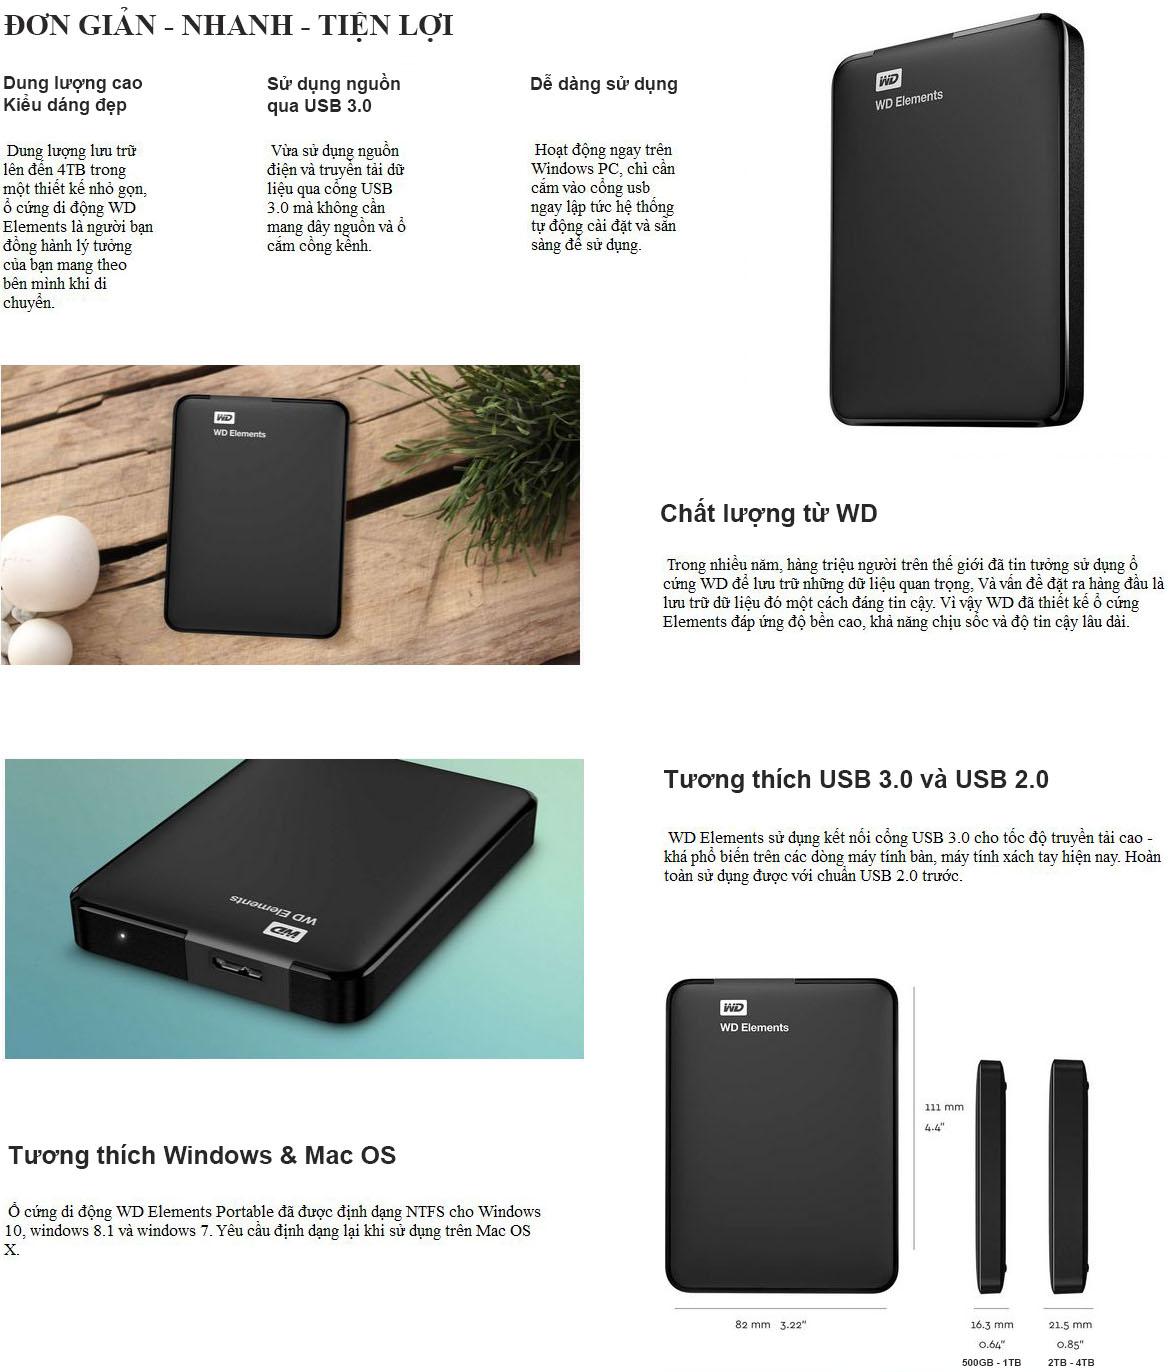 Tính năng ổ cứng WD Elements portable